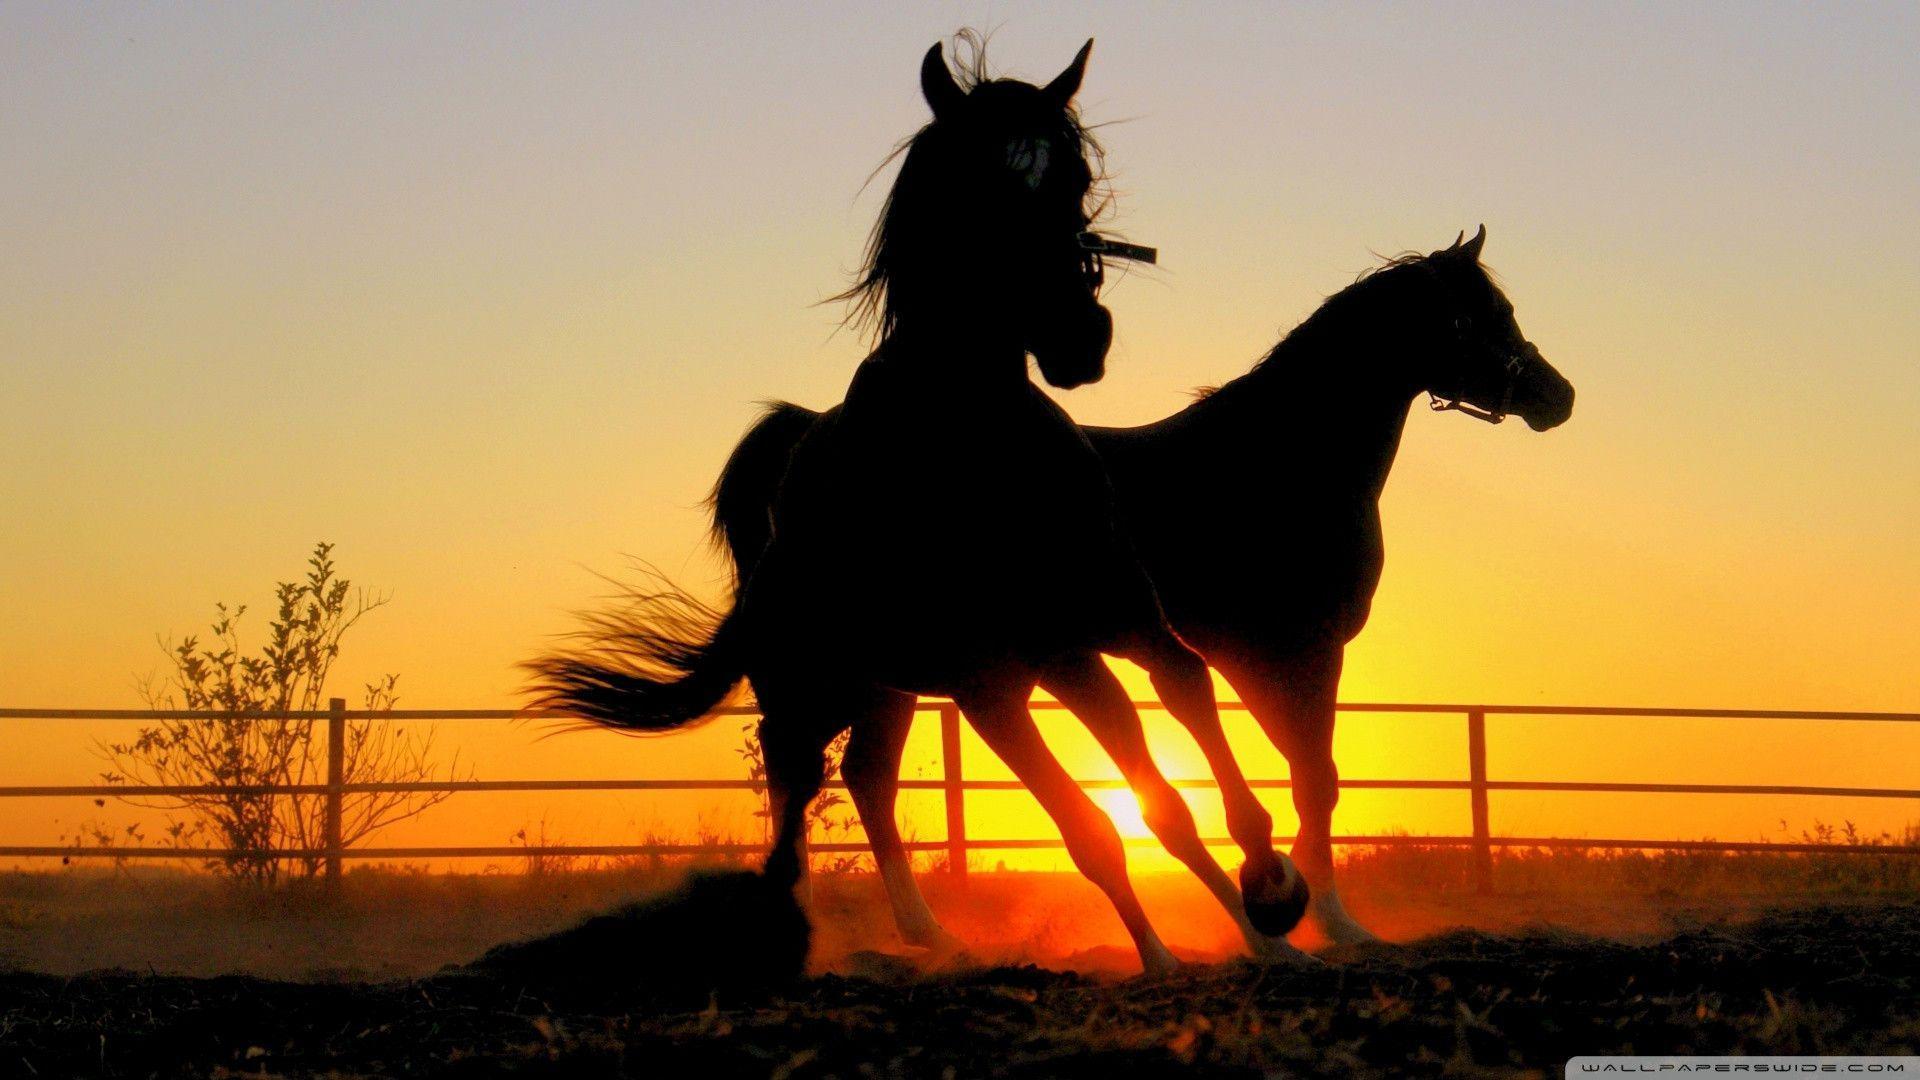 horses running in the sunset wallpaper